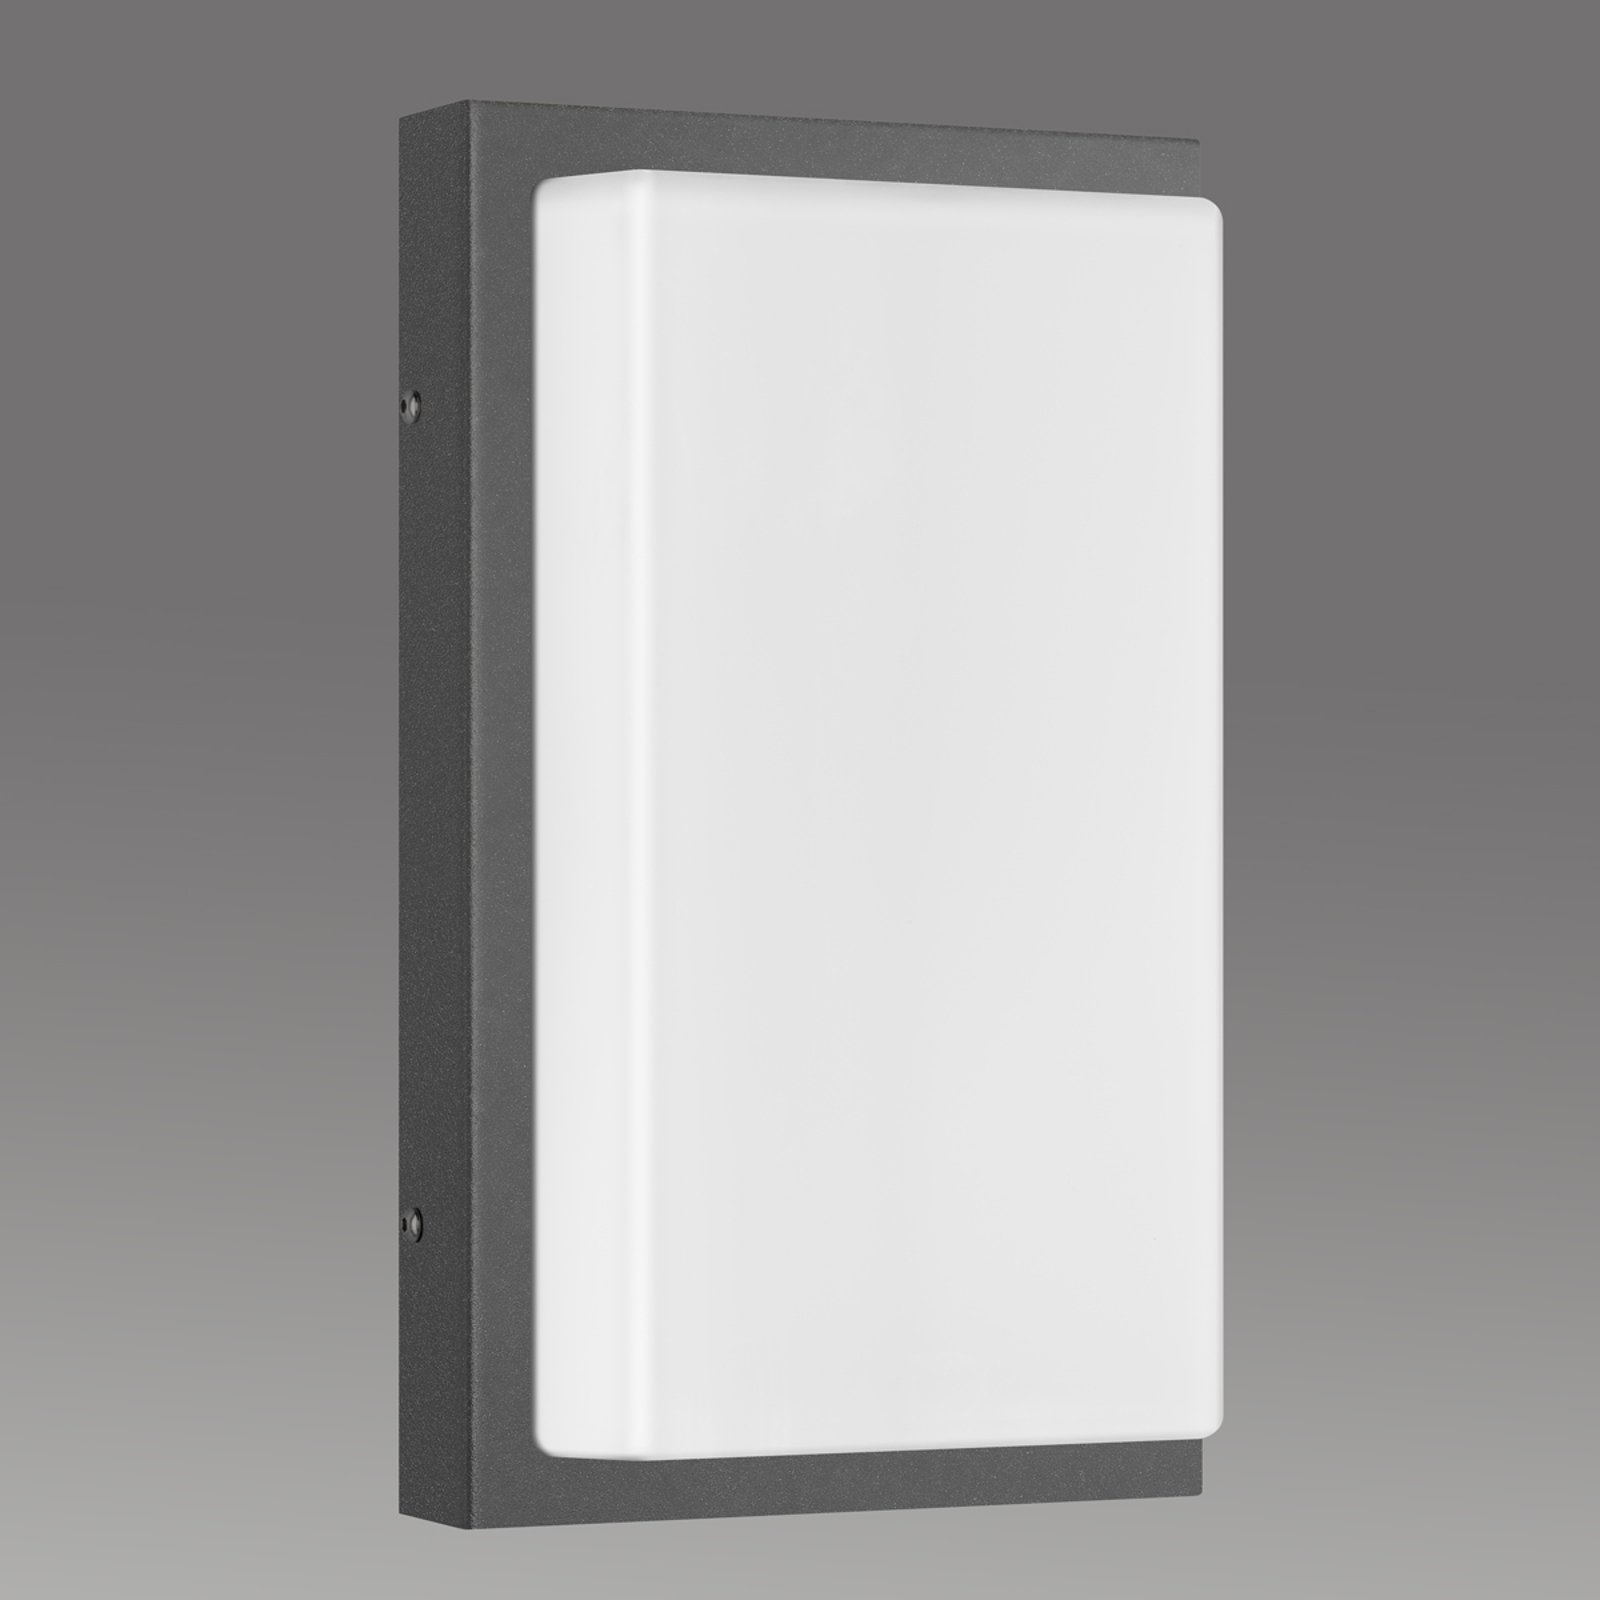 Babett E27 utendørs vegglampe uten sensor grafitt